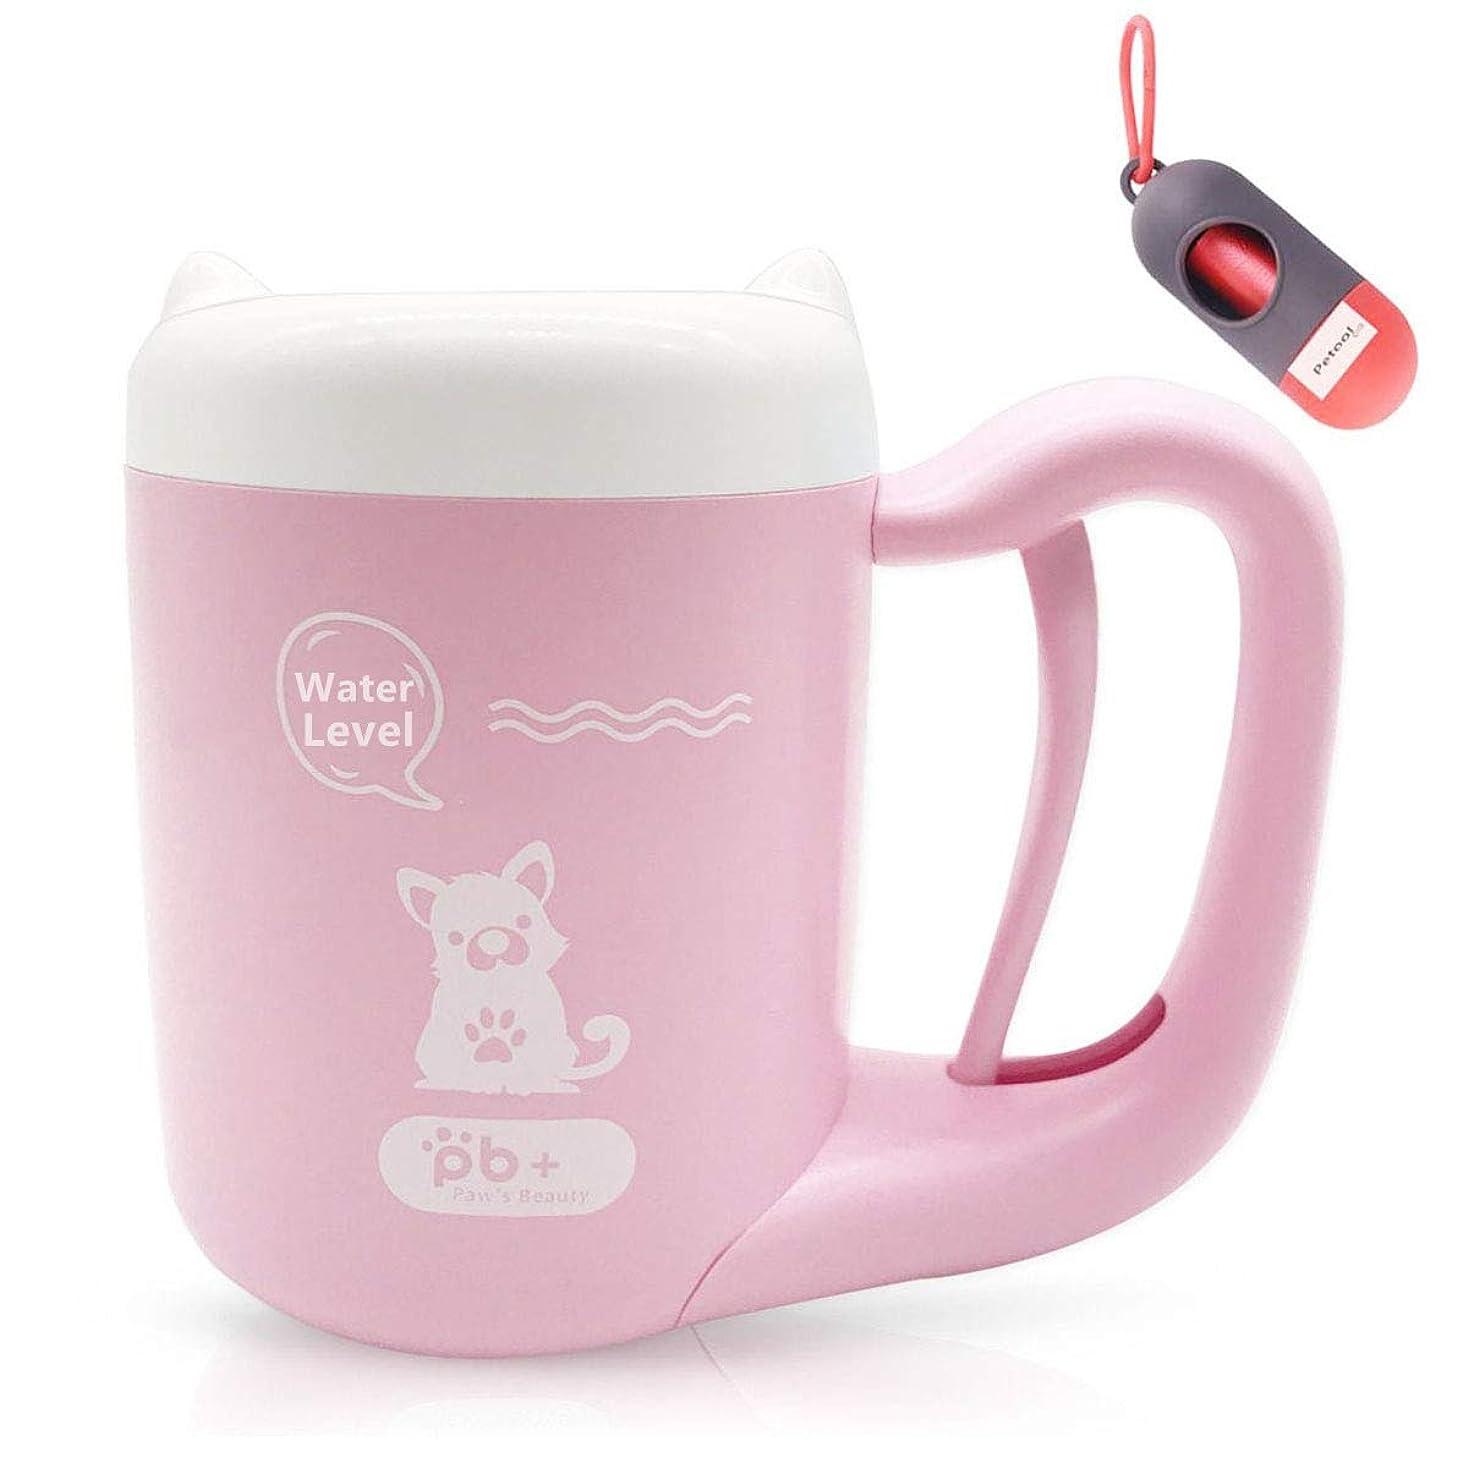 ベイビー動く謎めいたPETOOL 足洗いカップ ペット 犬 クリーナー 足洗いブラシ 半自動式 小型犬に最適 回転 便利 シリコーンブラシ 柔軟 マッサージ効果 安全 ピンク